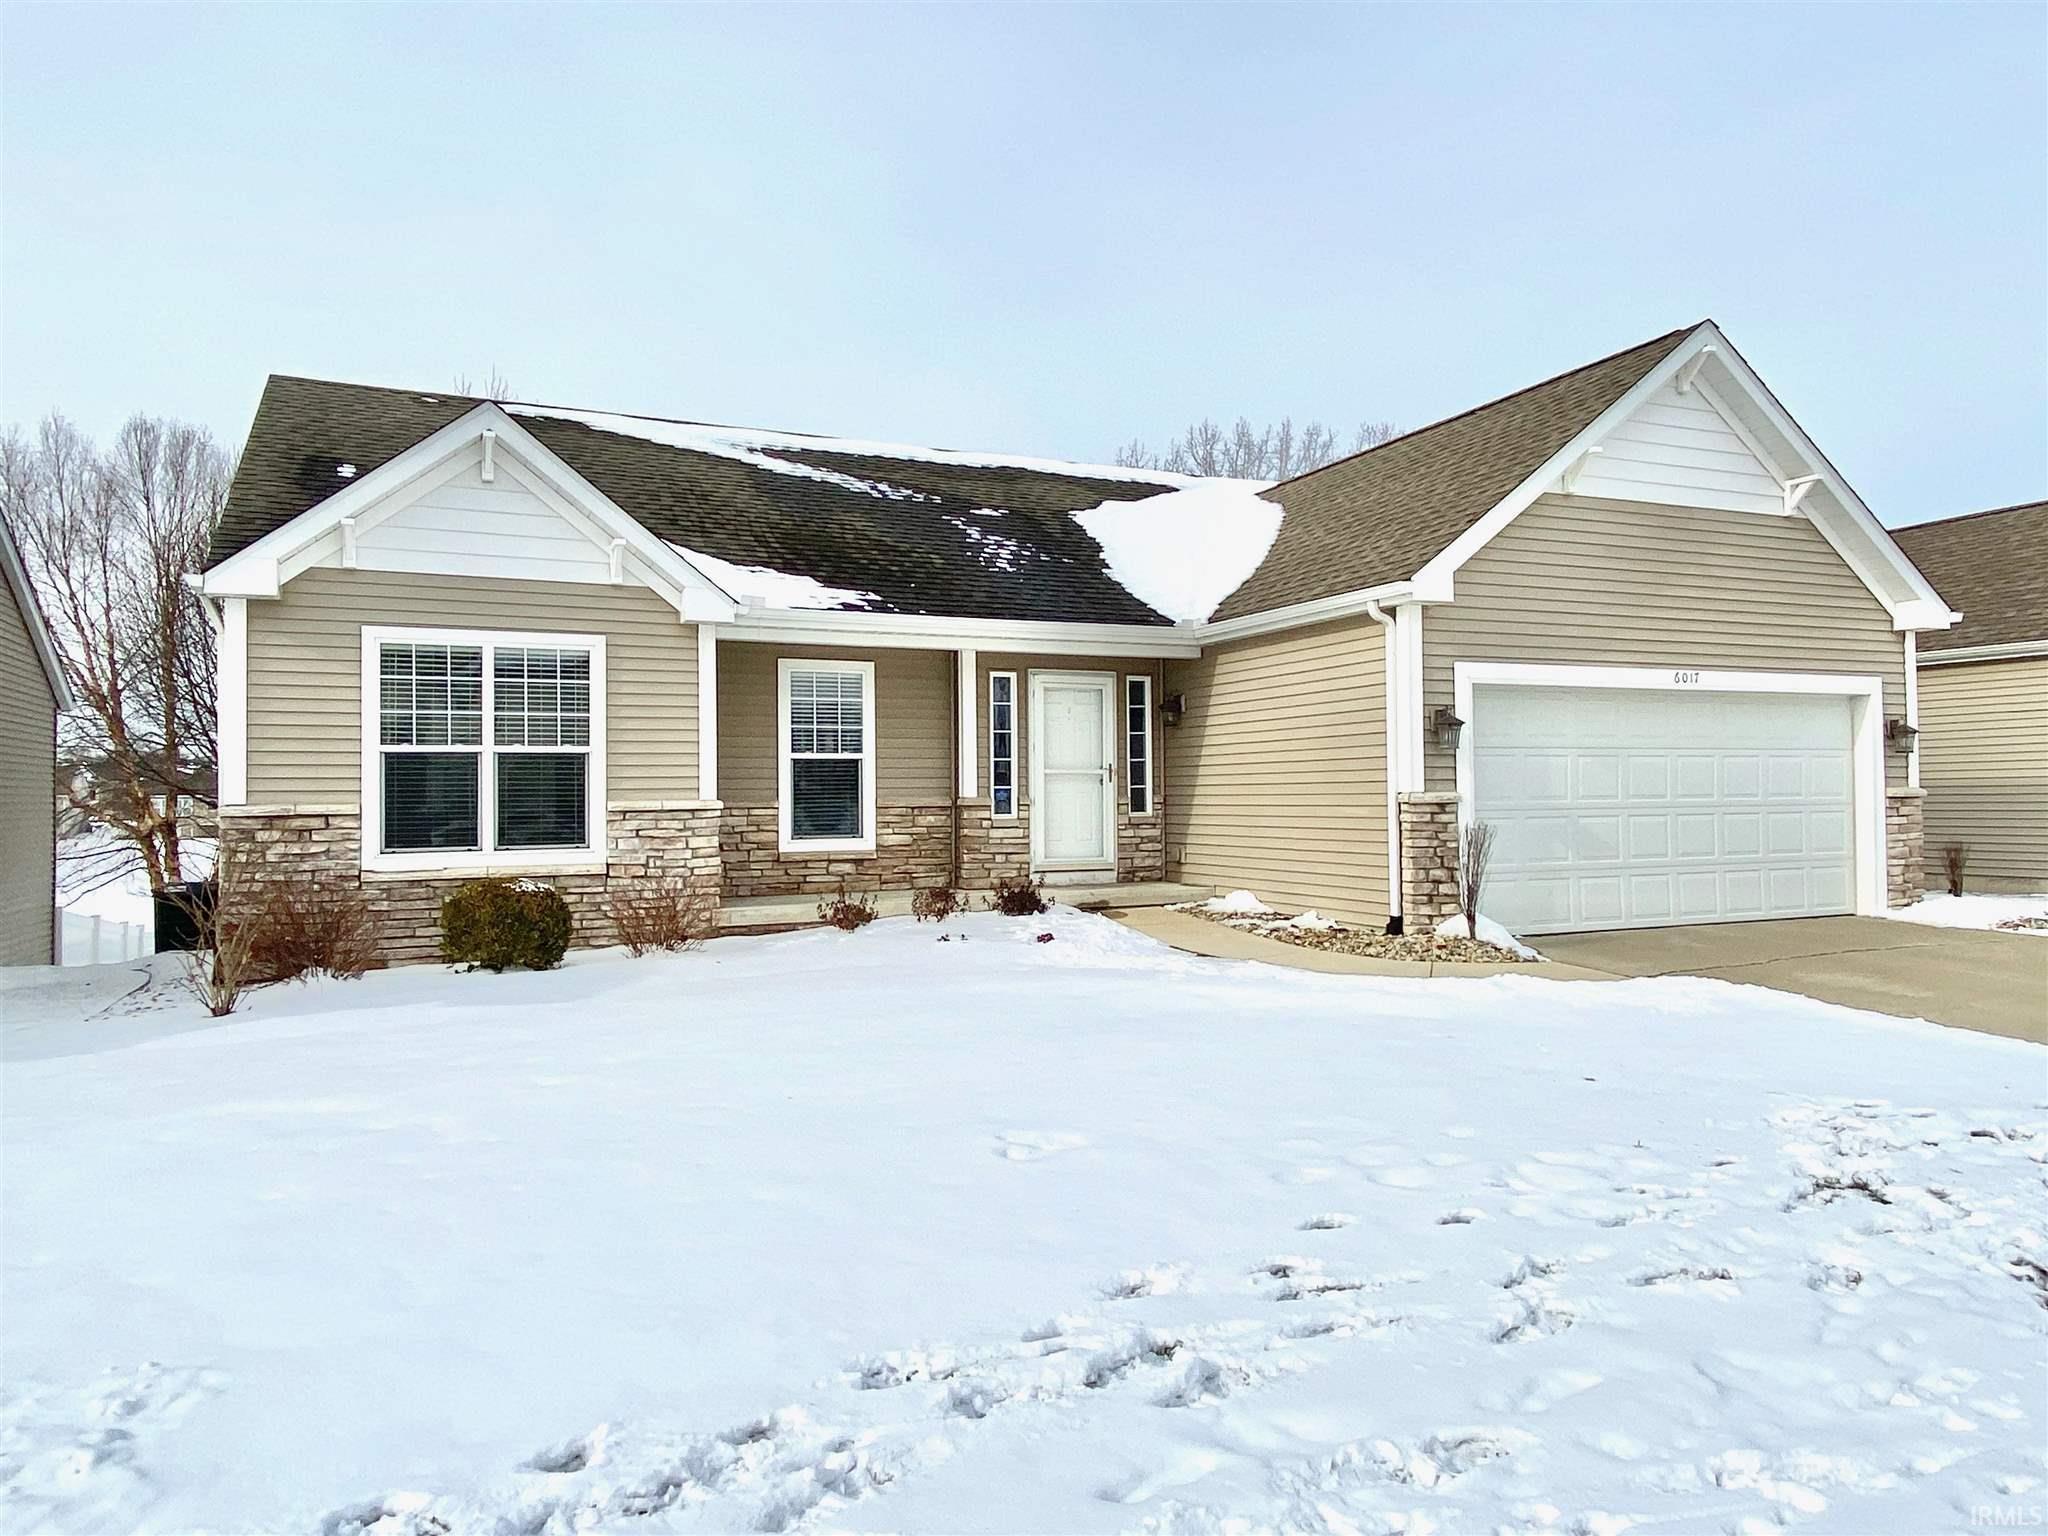 6017 Cottage Granger, IN 46530